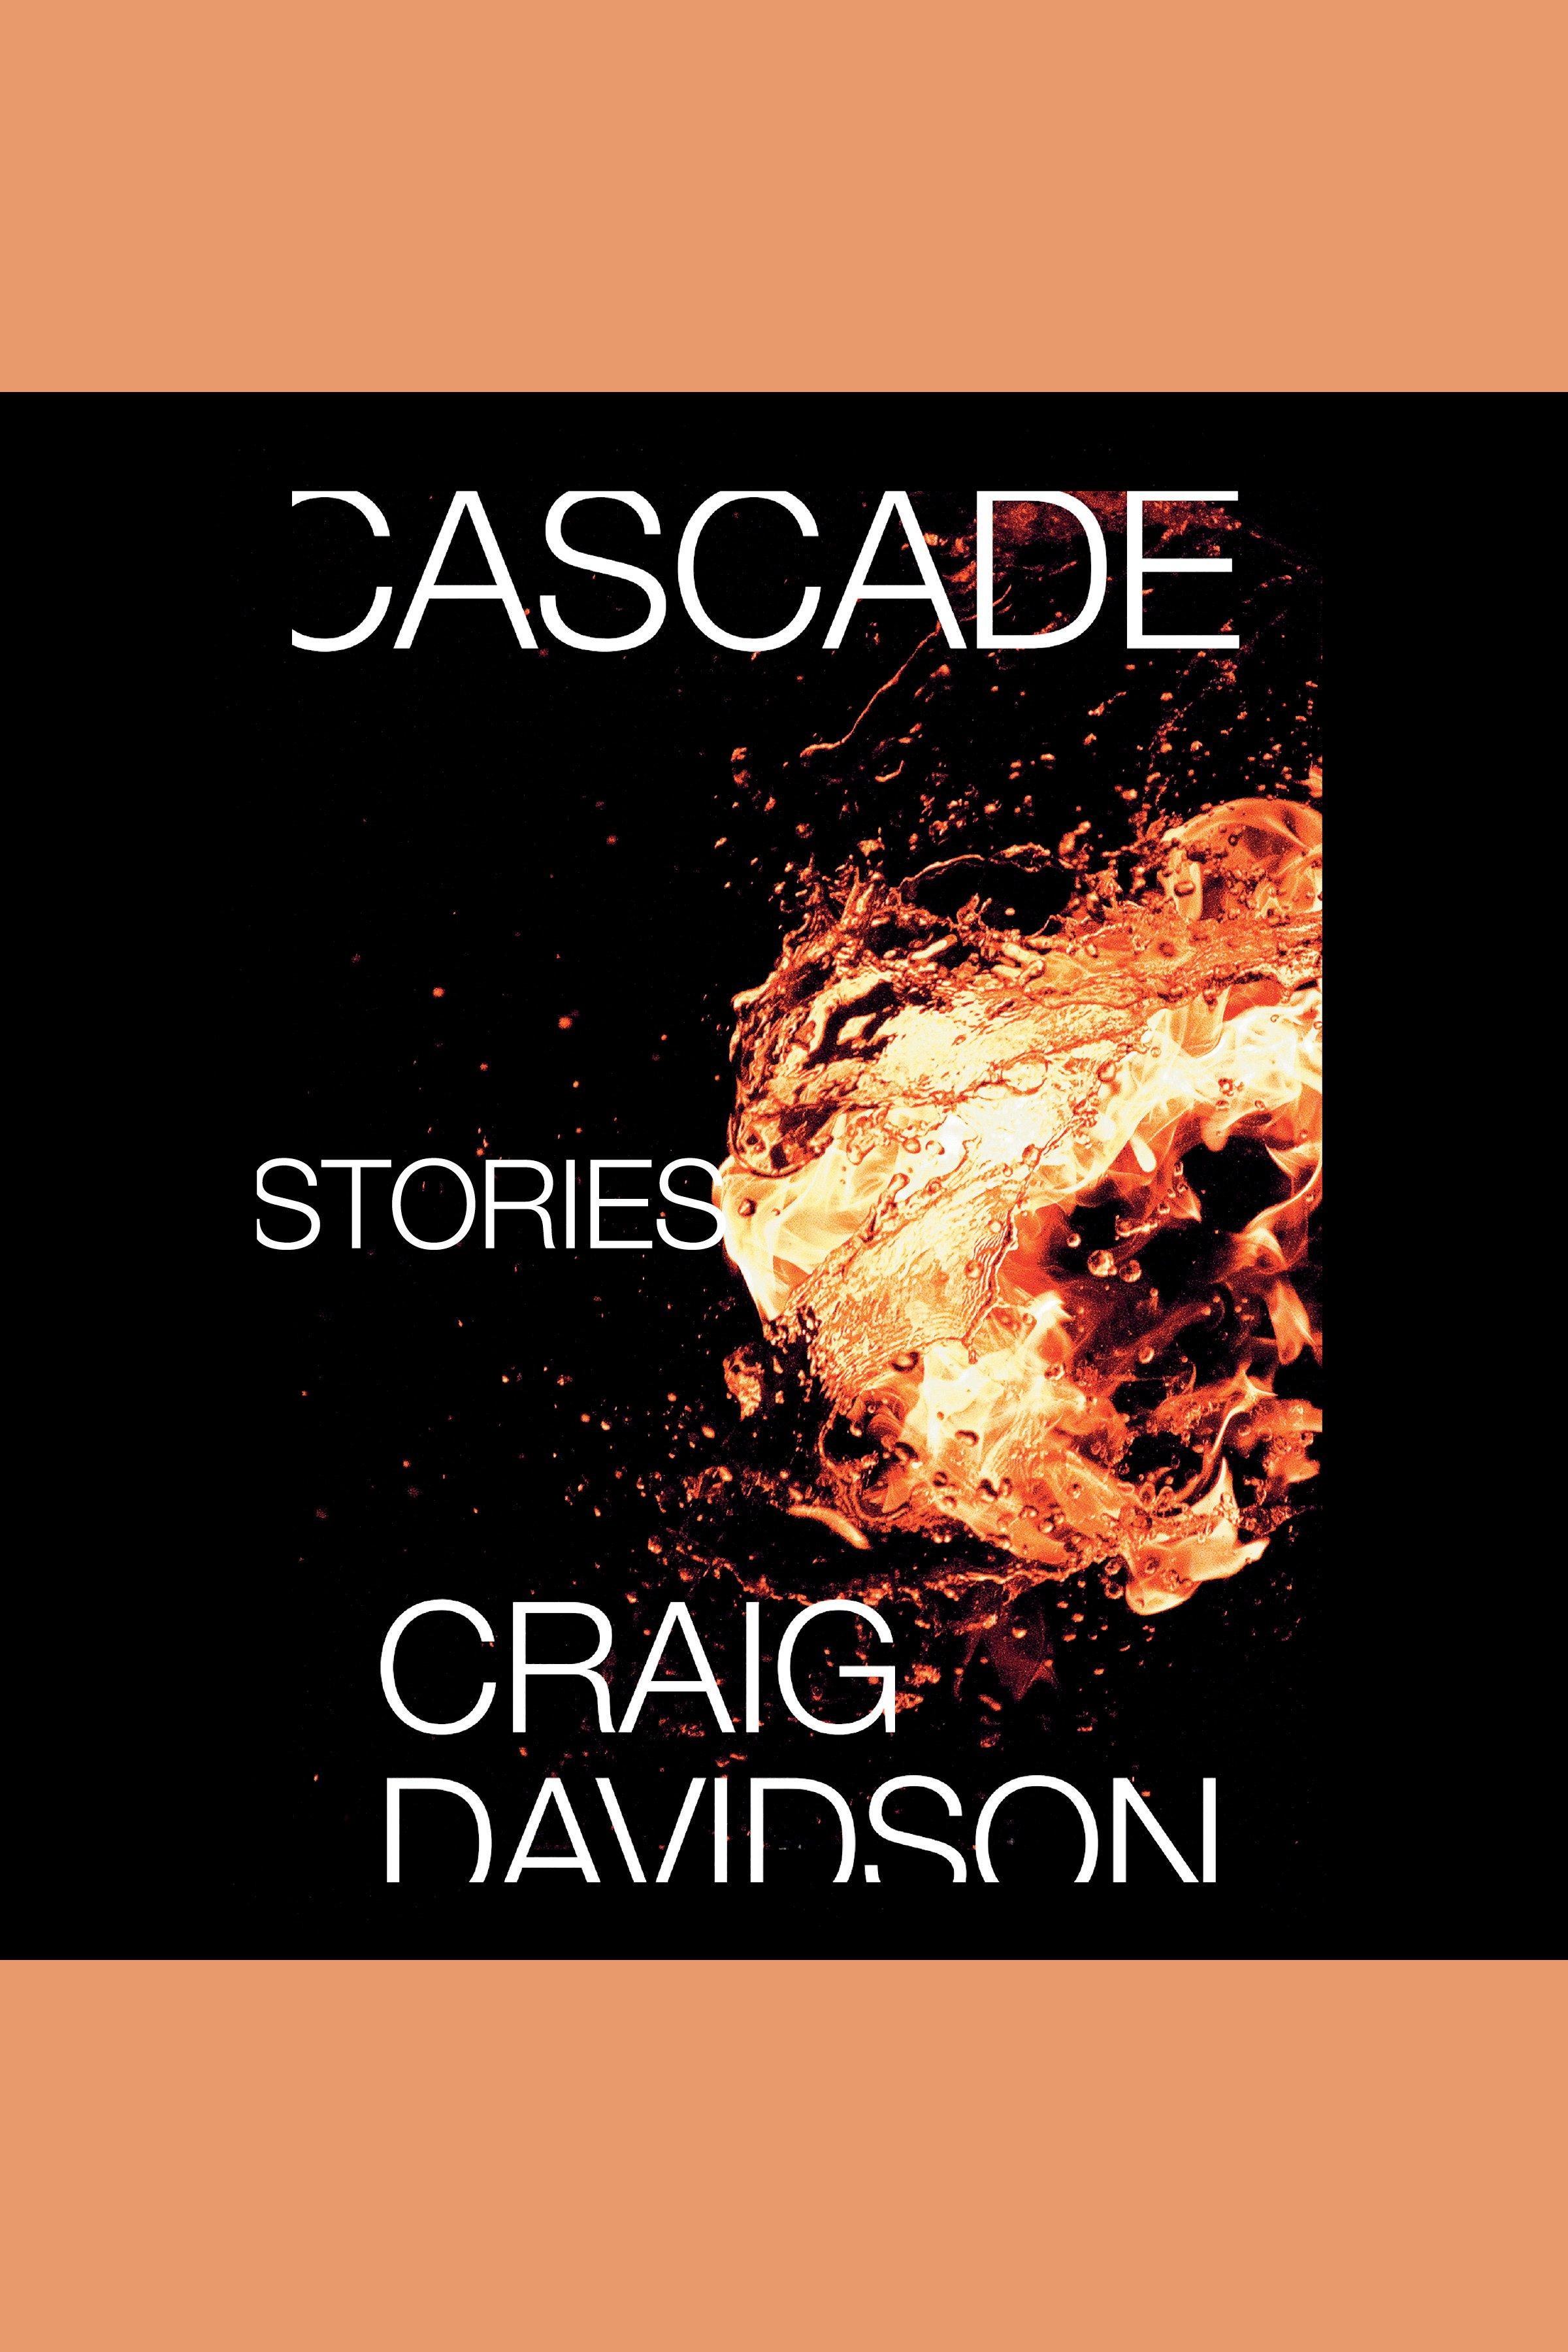 Cover Image of Cascade